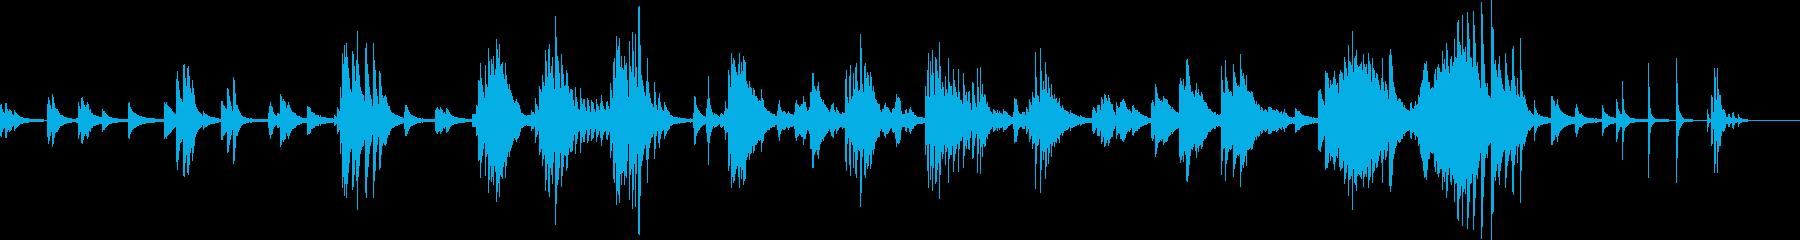 終焉(ピアノバラード・悲しい・しっとり)の再生済みの波形